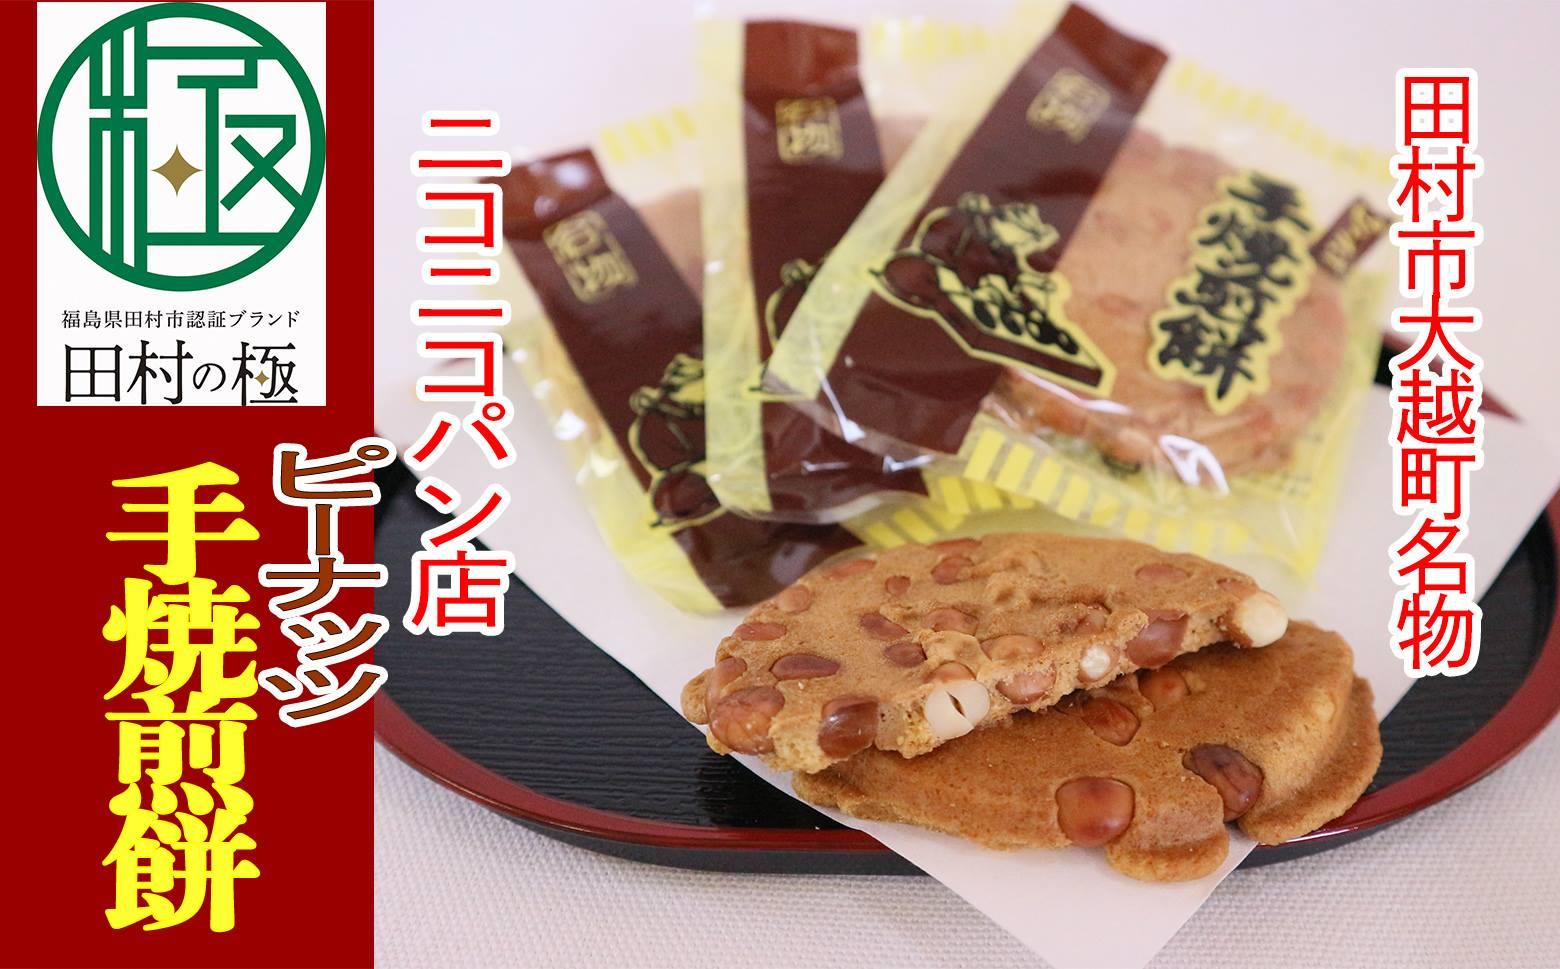 TA6-18 ピーナッツ手焼き煎餅